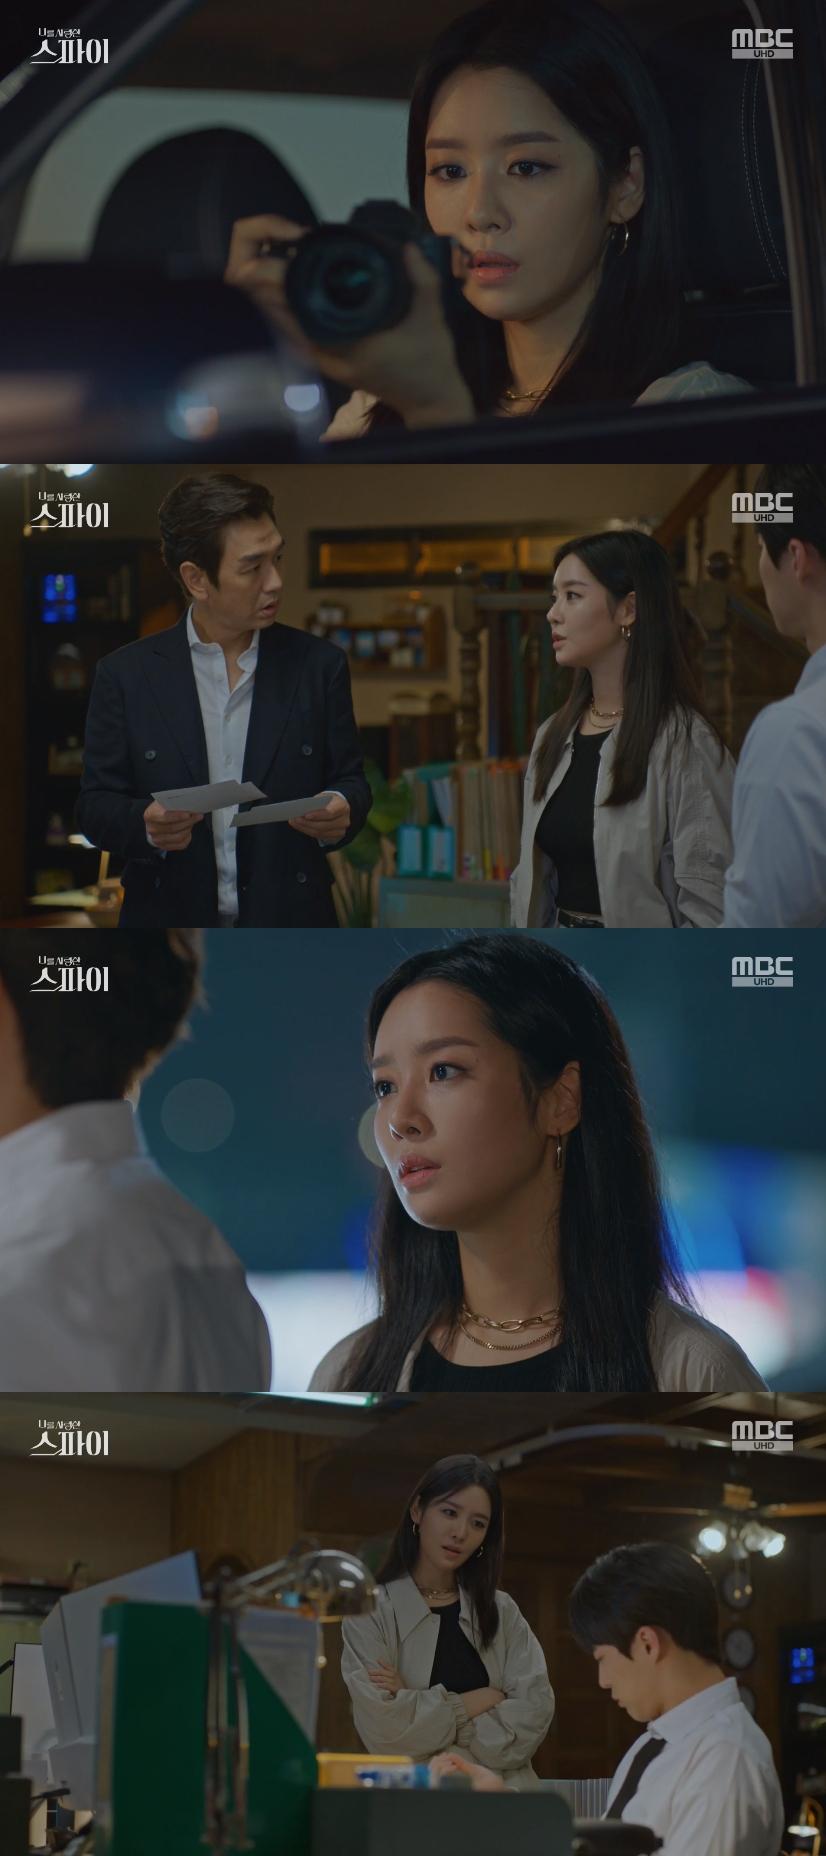 '나를 사랑한 스파이' 차주영, 위장 수사&타겟 유혹 성공!